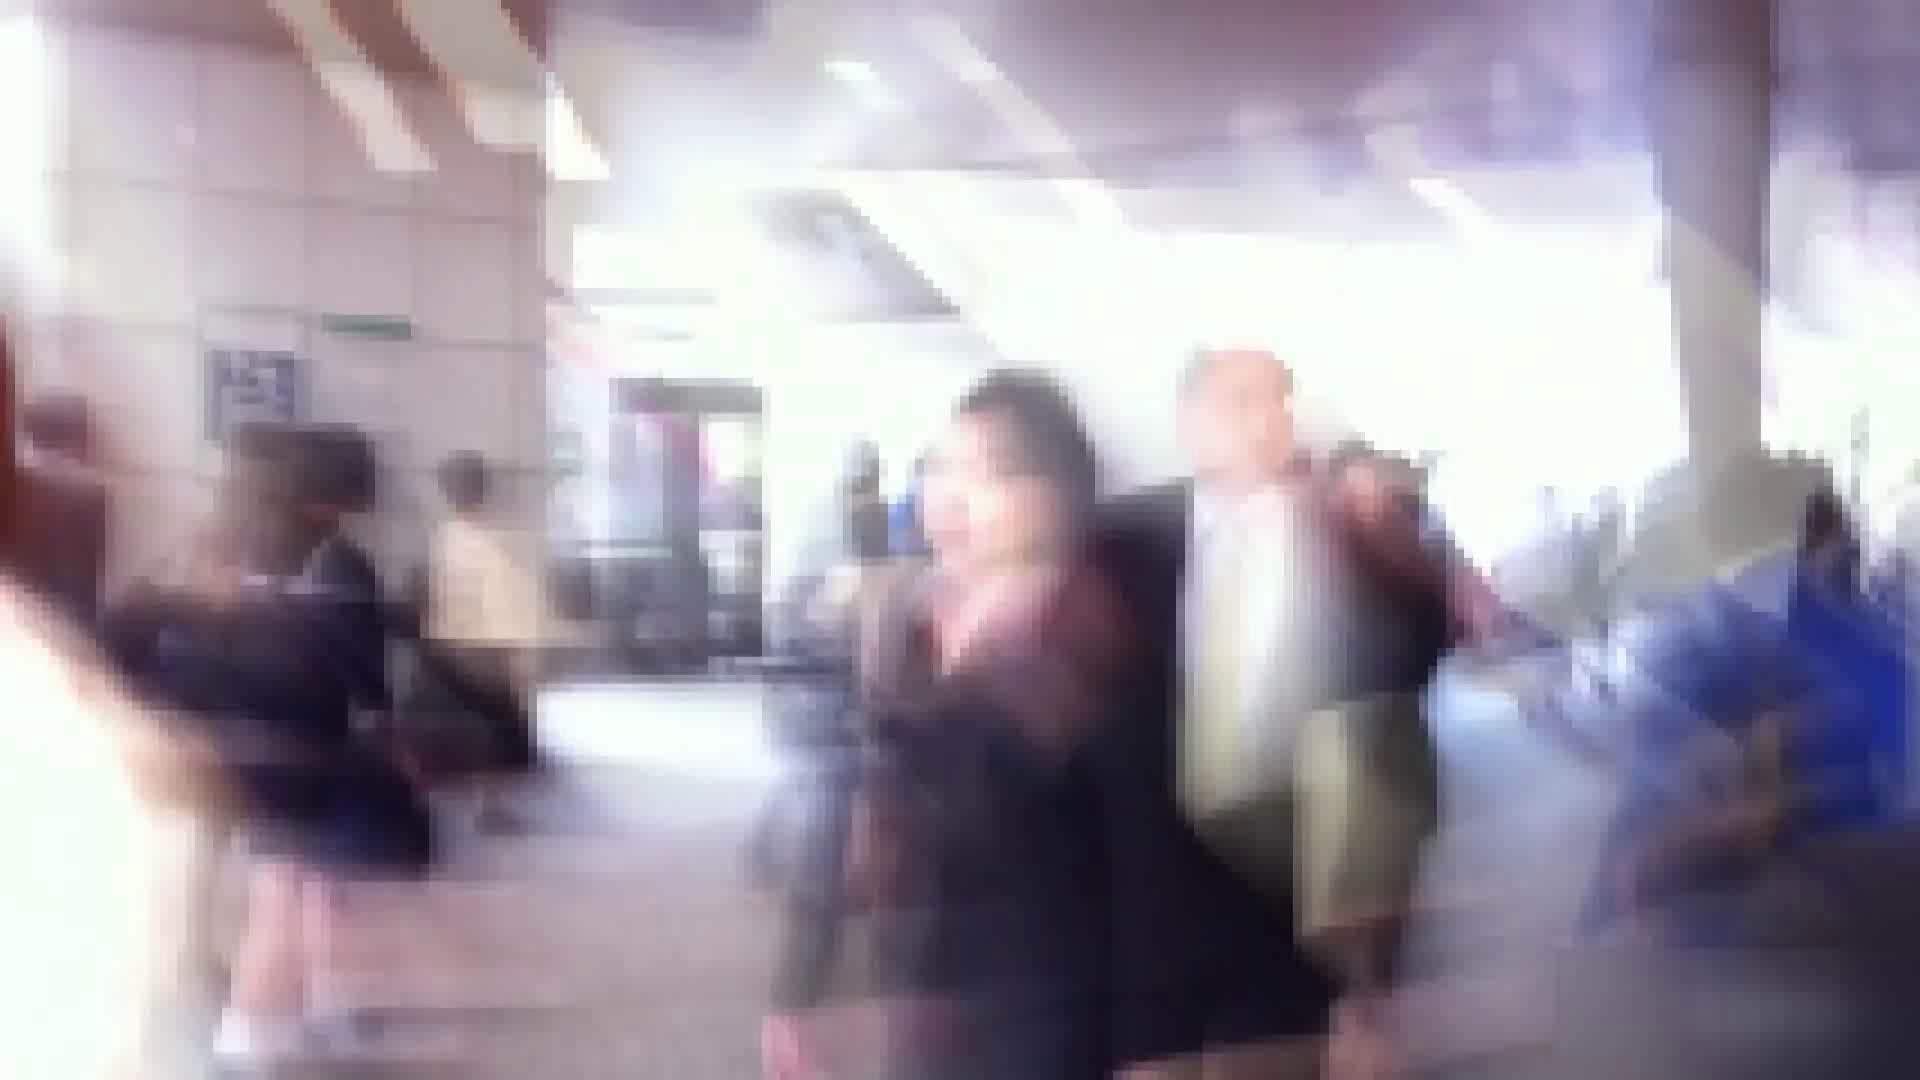 ガールズパンチラストリートビューVol.006 OLエロ画像 隠し撮りおまんこ動画流出 92PICs 58